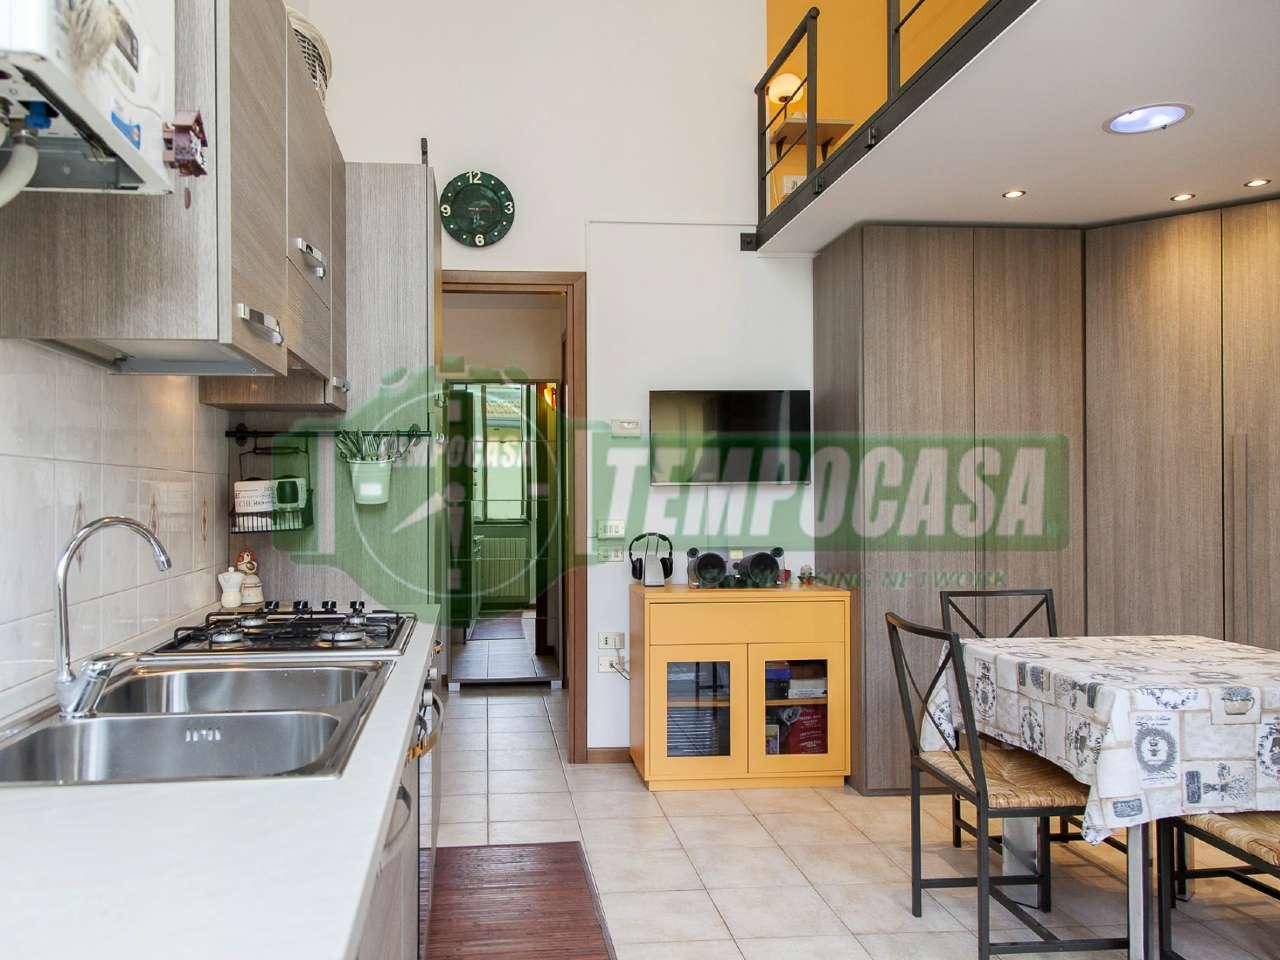 Appartamento in vendita a Settimo Milanese, 1 locali, prezzo € 85.000 | CambioCasa.it